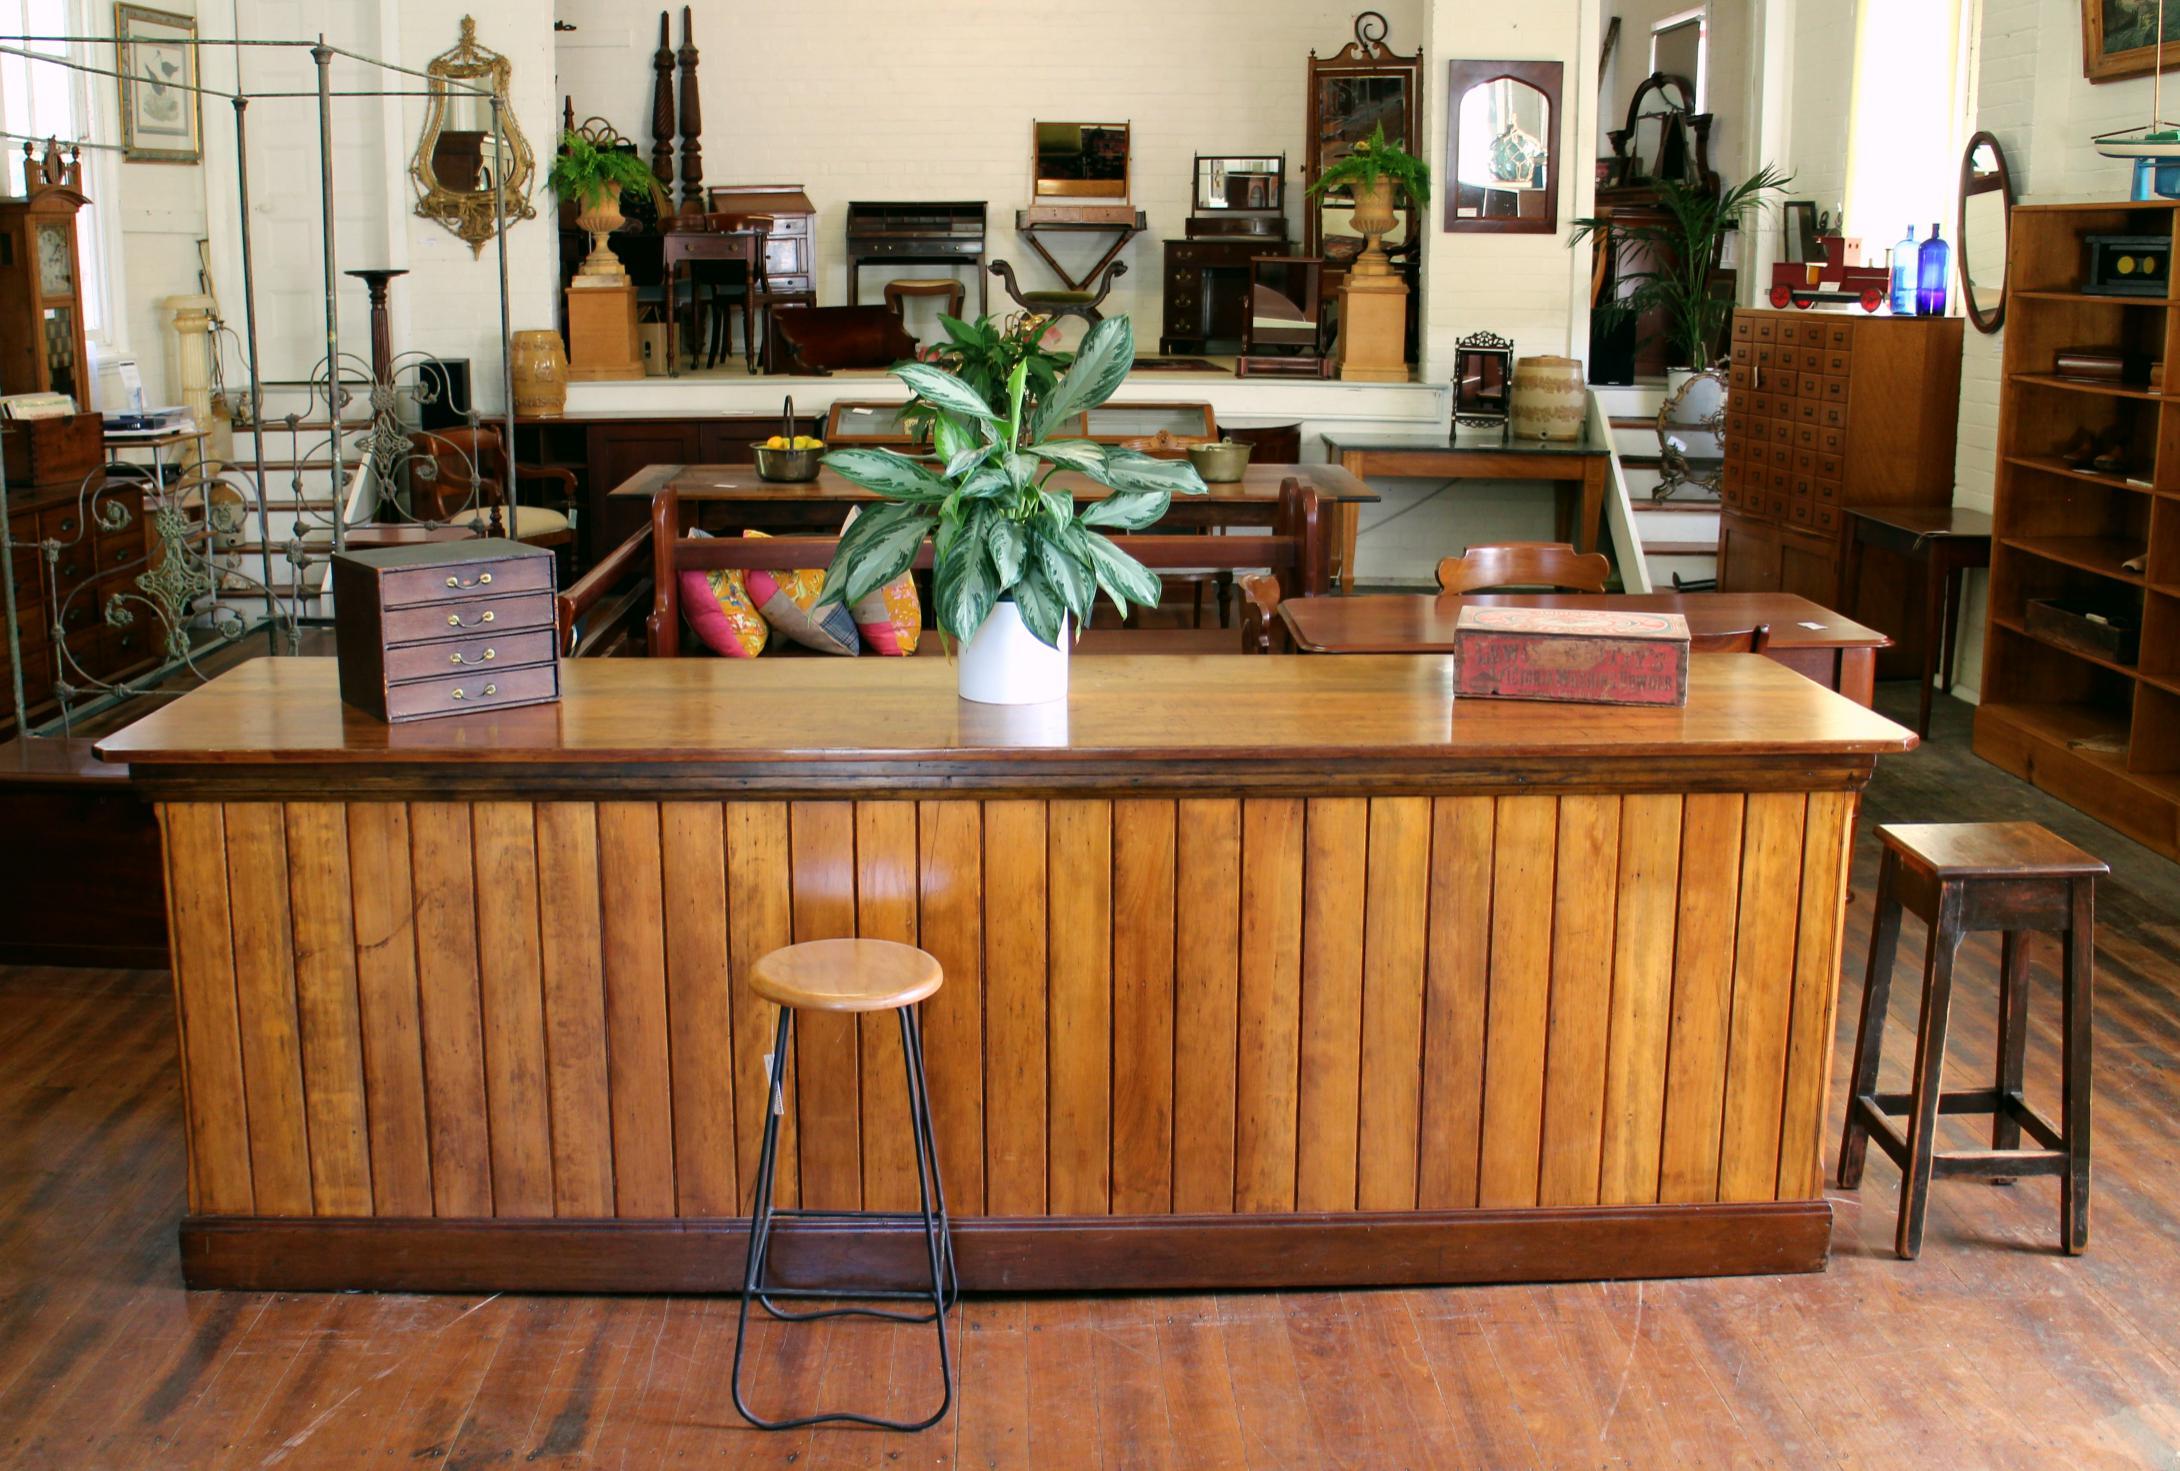 Vintage Hoop Pine Shop Counter.jpg